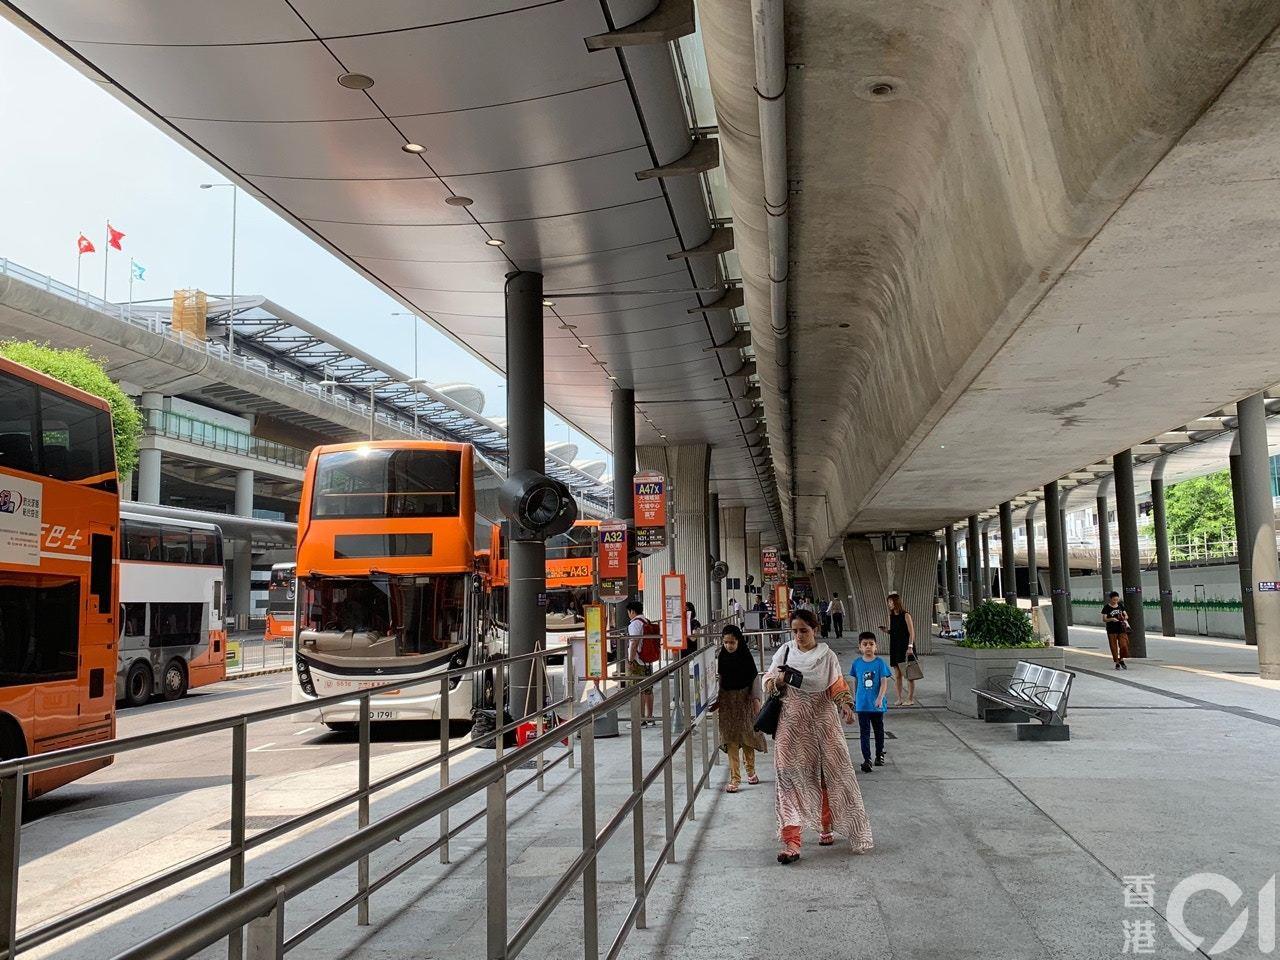 機場巴士站雖有旅客及市民坐下等待接機及等巴士,但機管局未有如9月7日般派出職員驅...